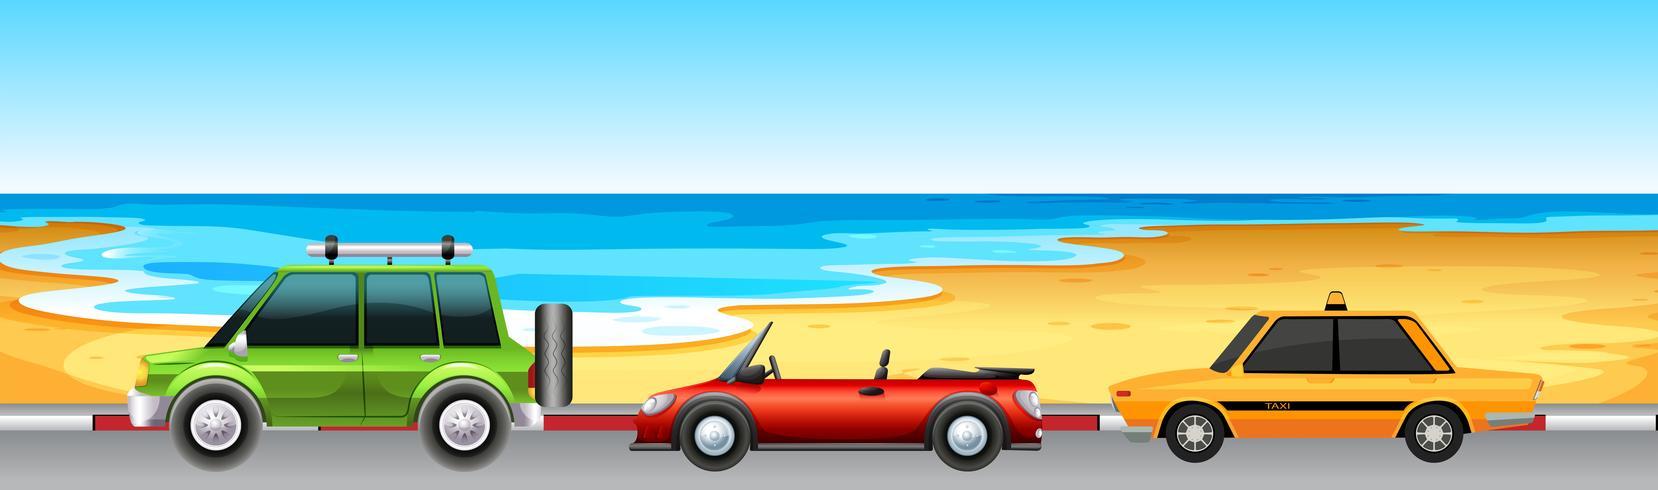 Drei Autos parken am Strand vektor